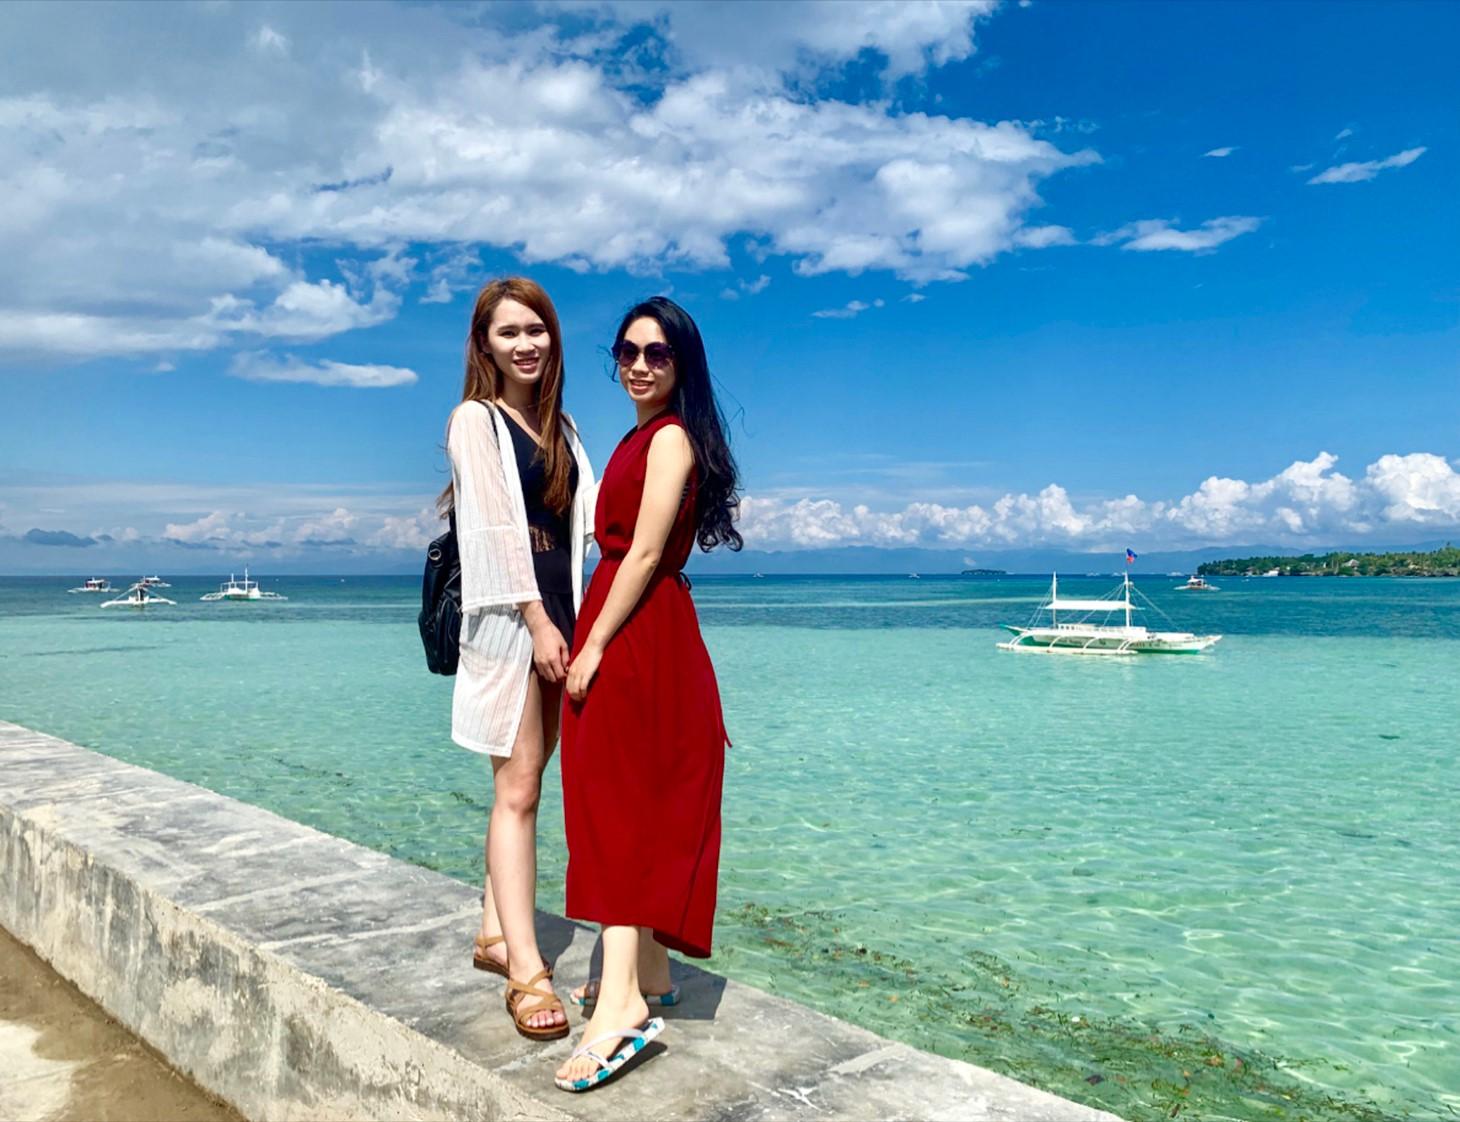 2019 跳跳宿霧遊學日記:放假最好玩的行程-墨寶佩斯卡多爾島跳島浮潛一日行程